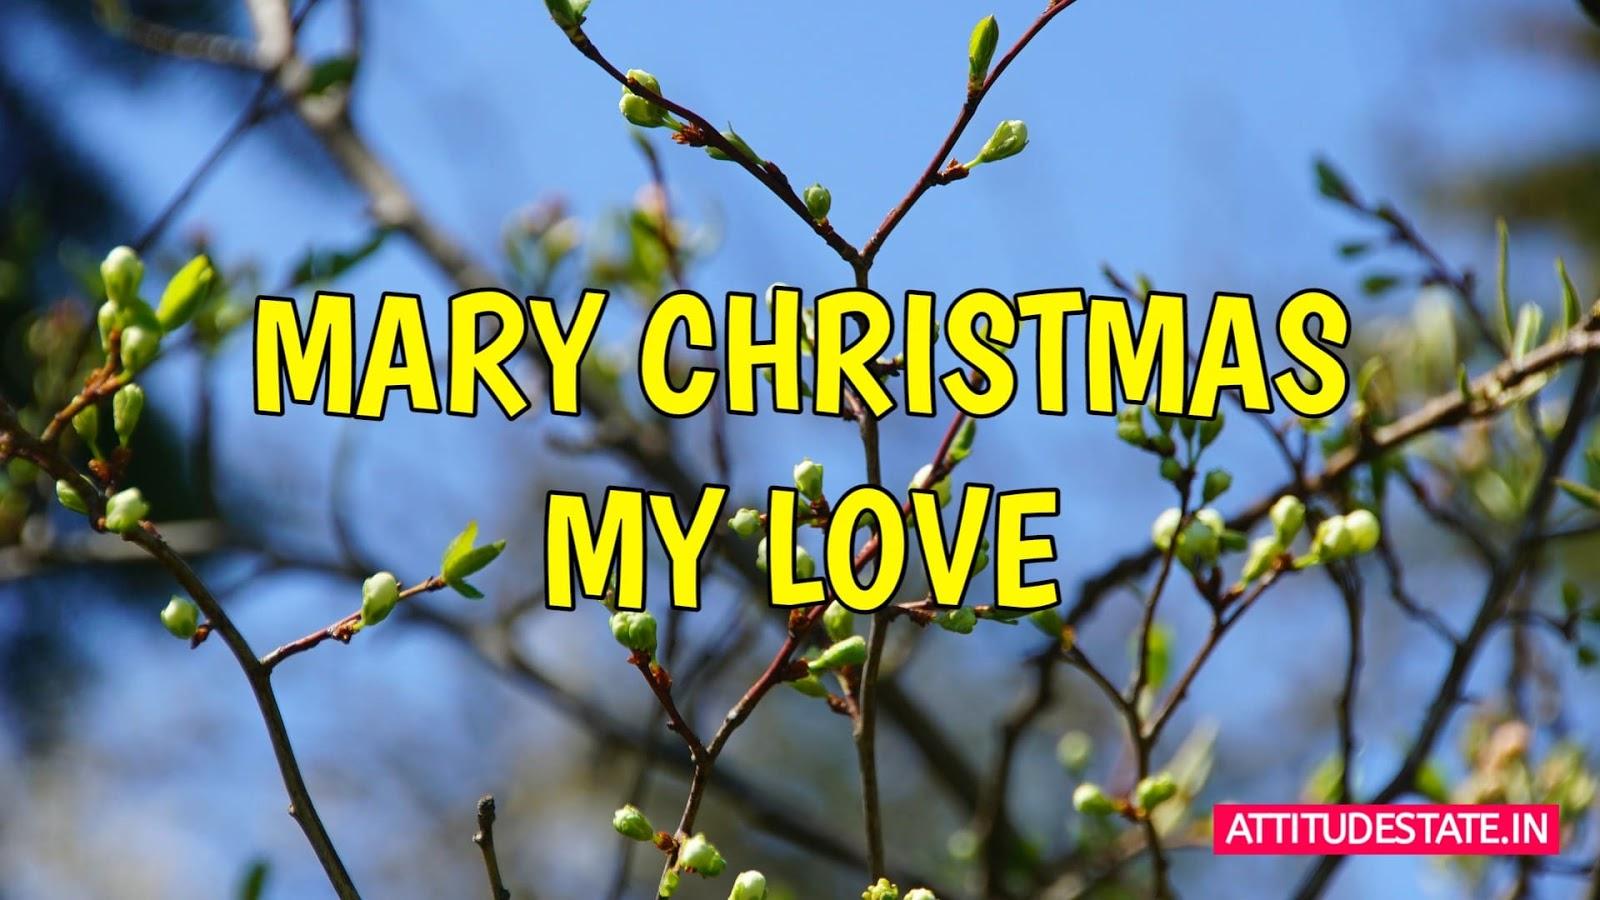 awsem Merry Christmas Images